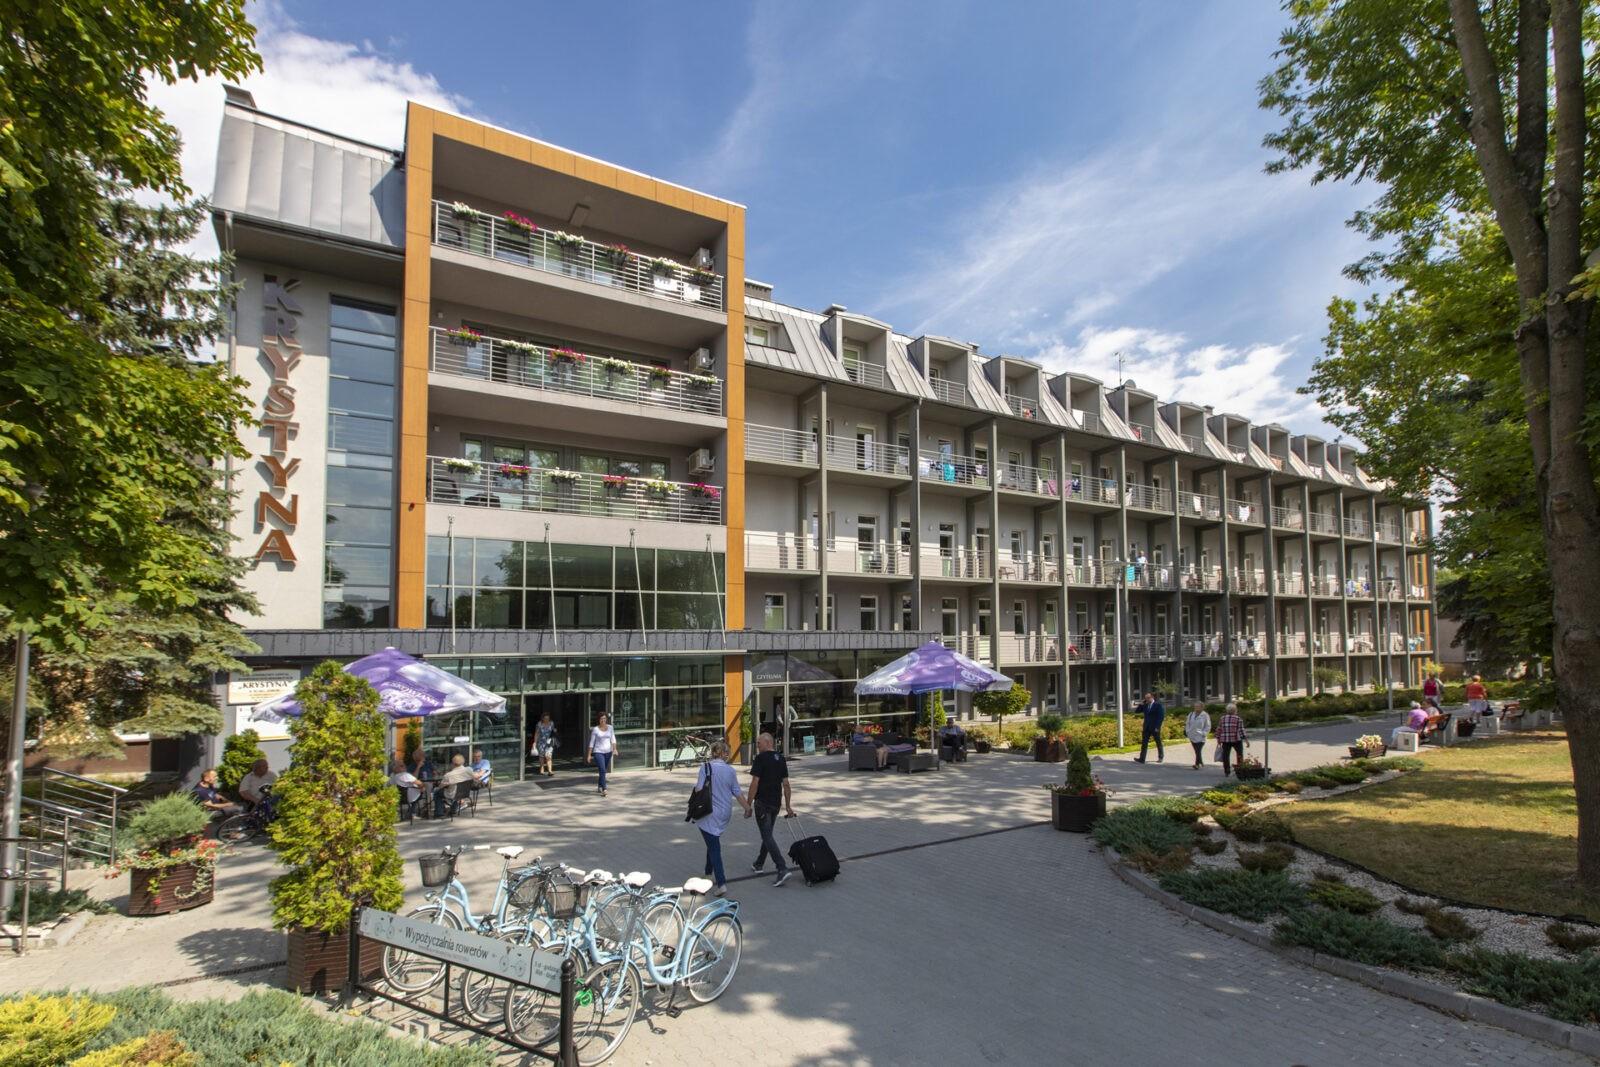 Szpital Uzdrowiskowy Krystyna